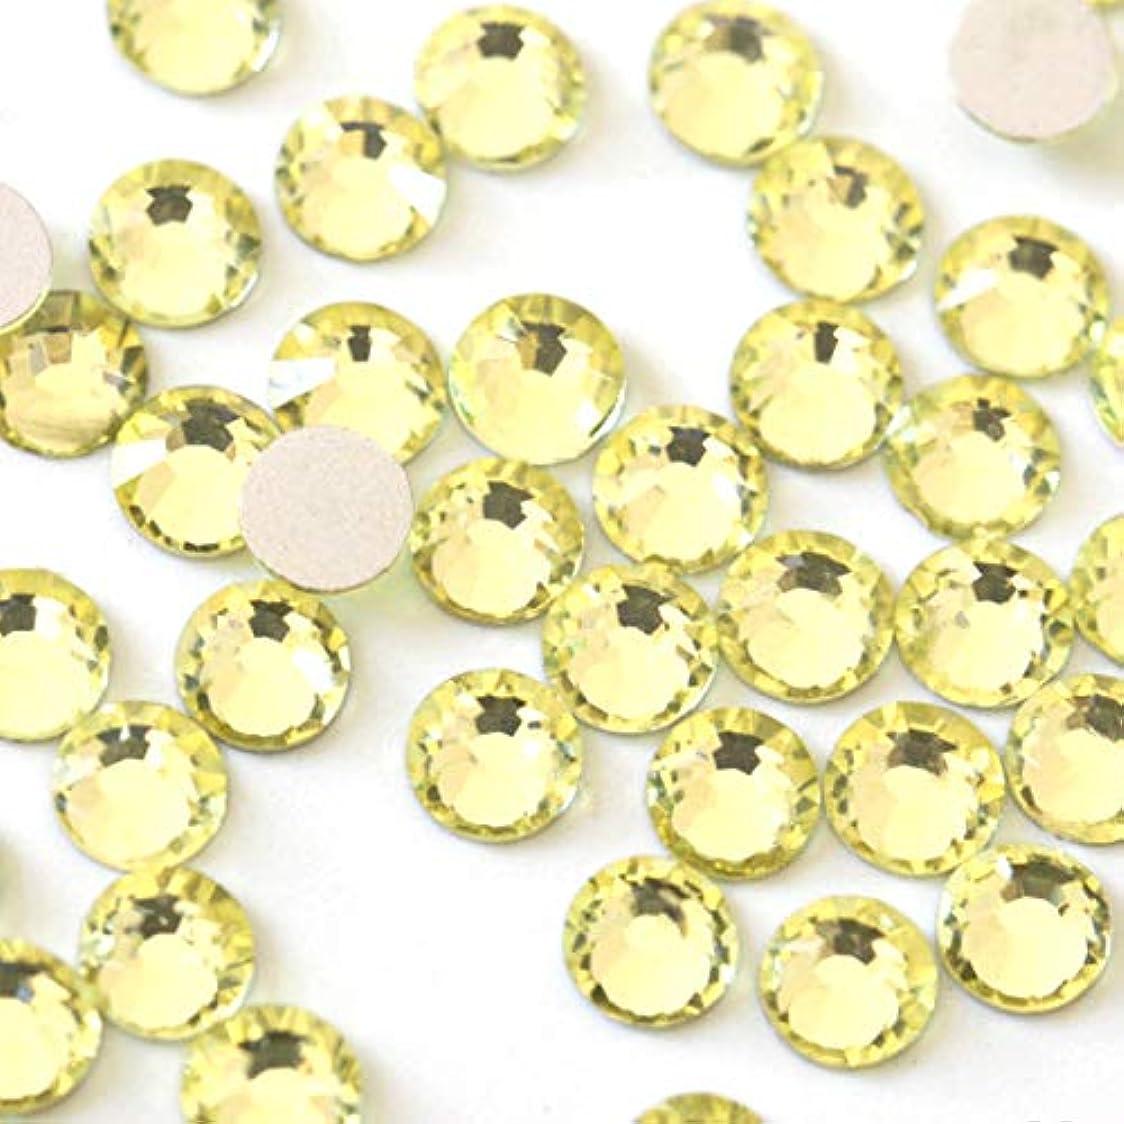 マトリックス扇動放棄された【ラインストーン77】高品質ガラス製ラインストーン ジョンキル(1.3mm (SS3) 約200粒)